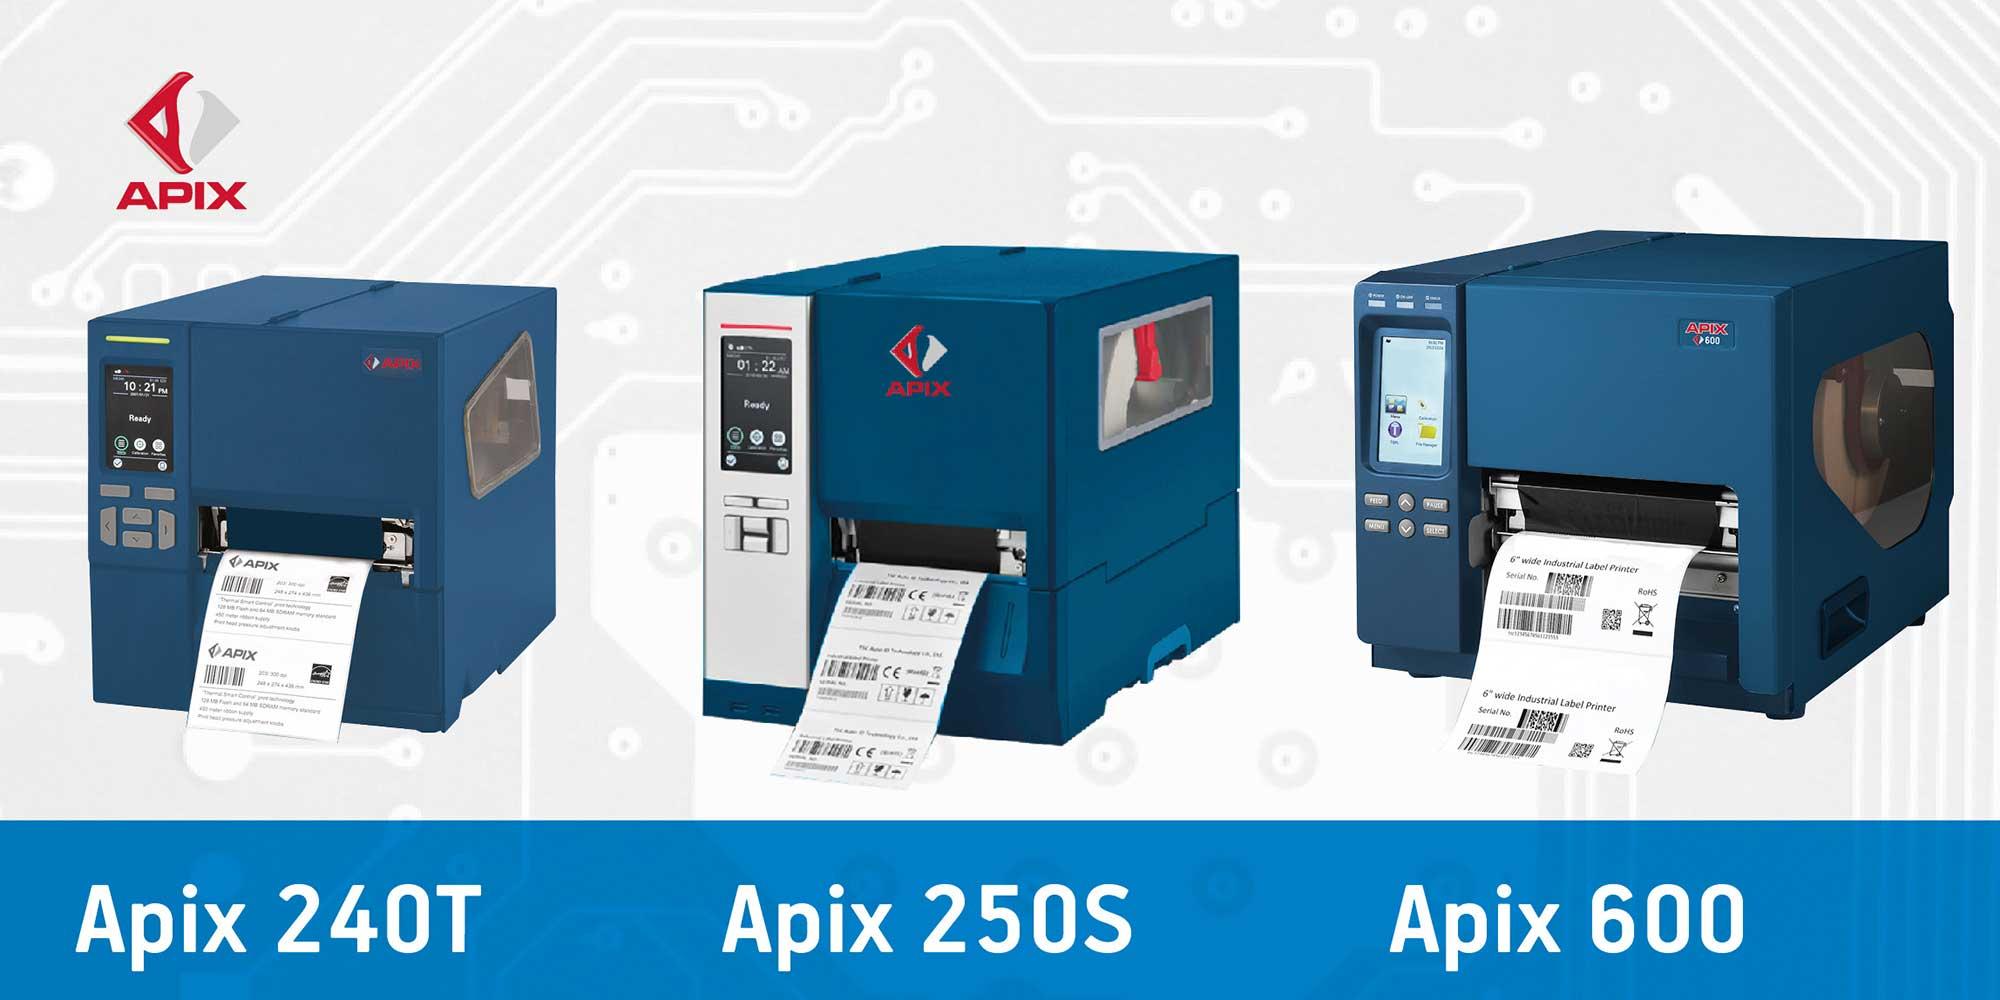 stampanti etichette apix ad uso industriale